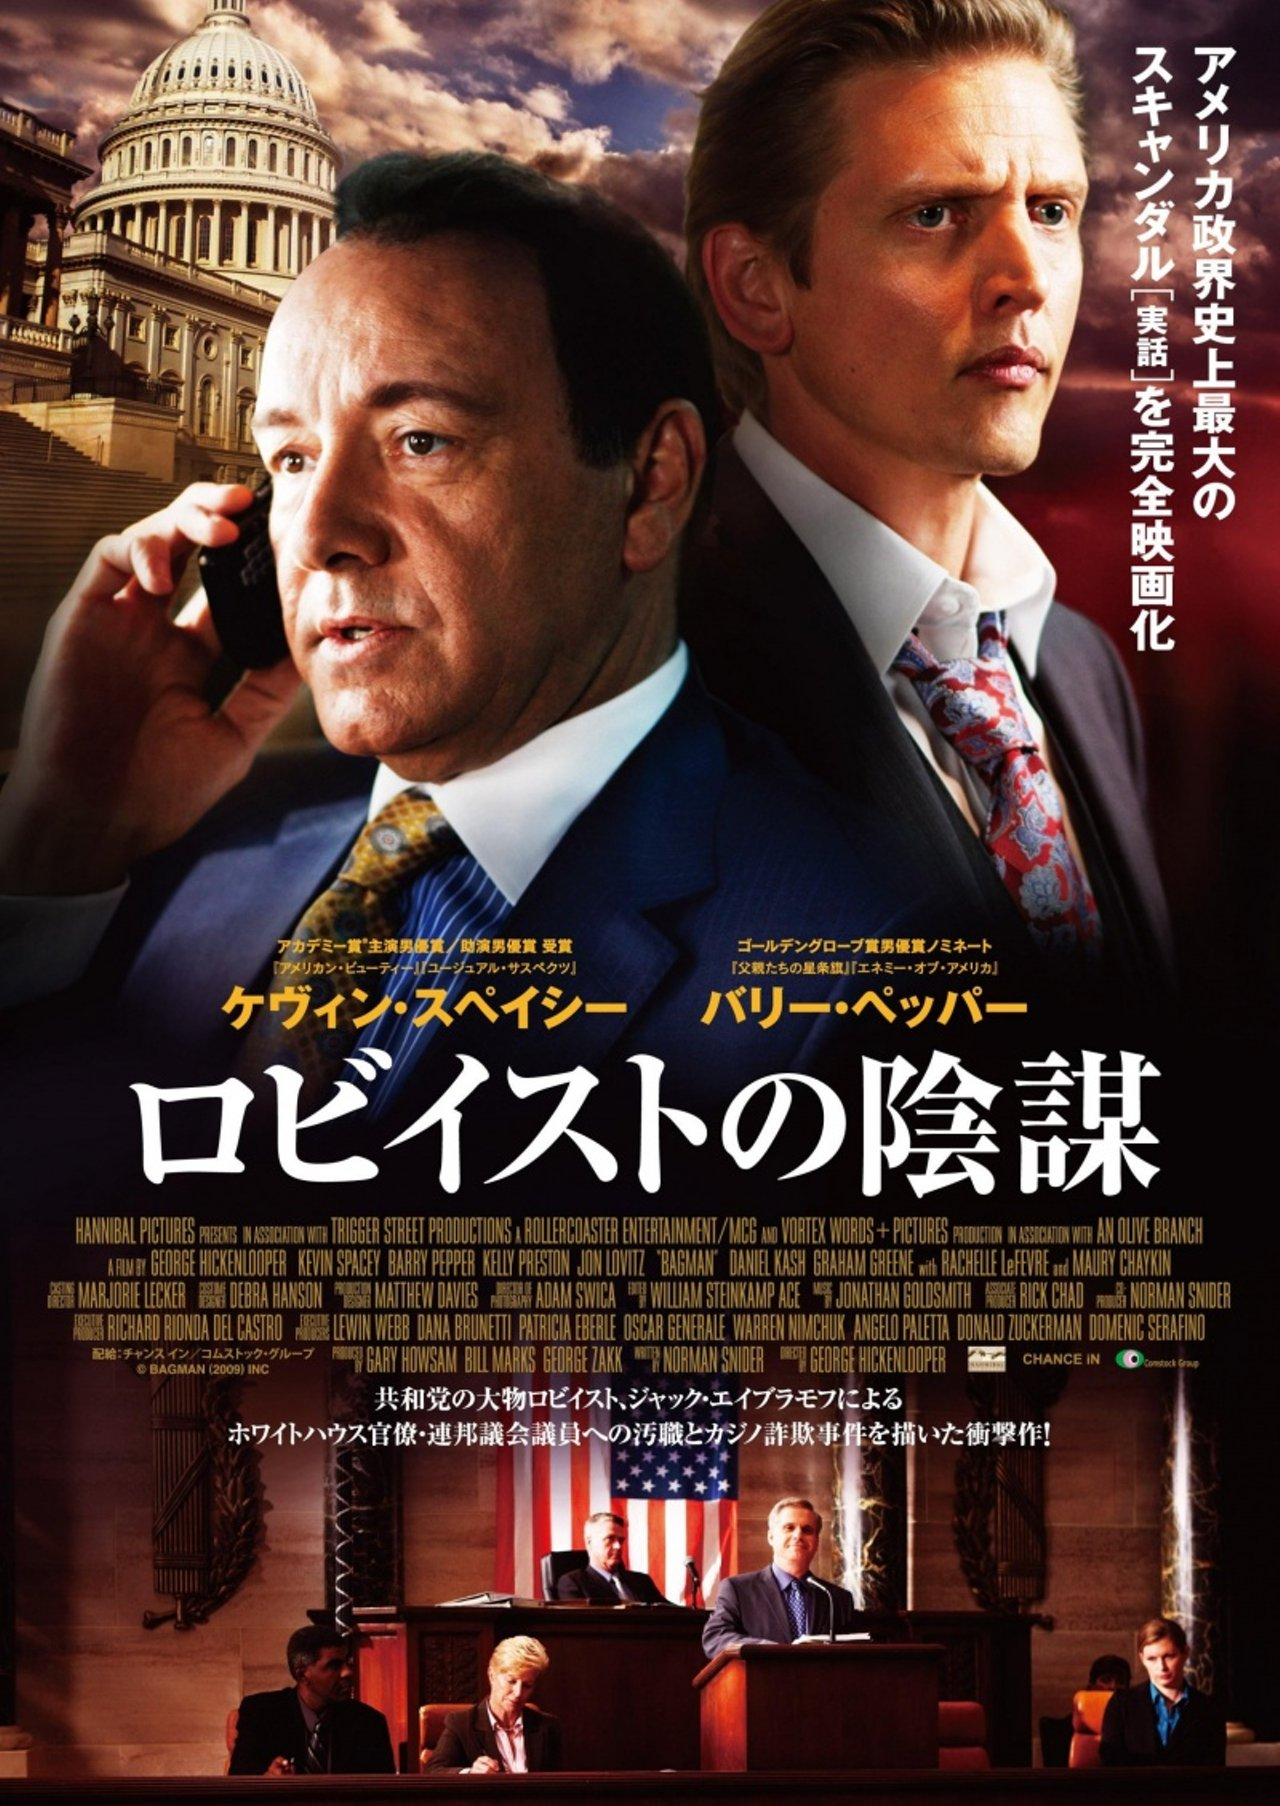 Фильм казино джек 2010 смотреть omegle видеочат рулетка онлайн